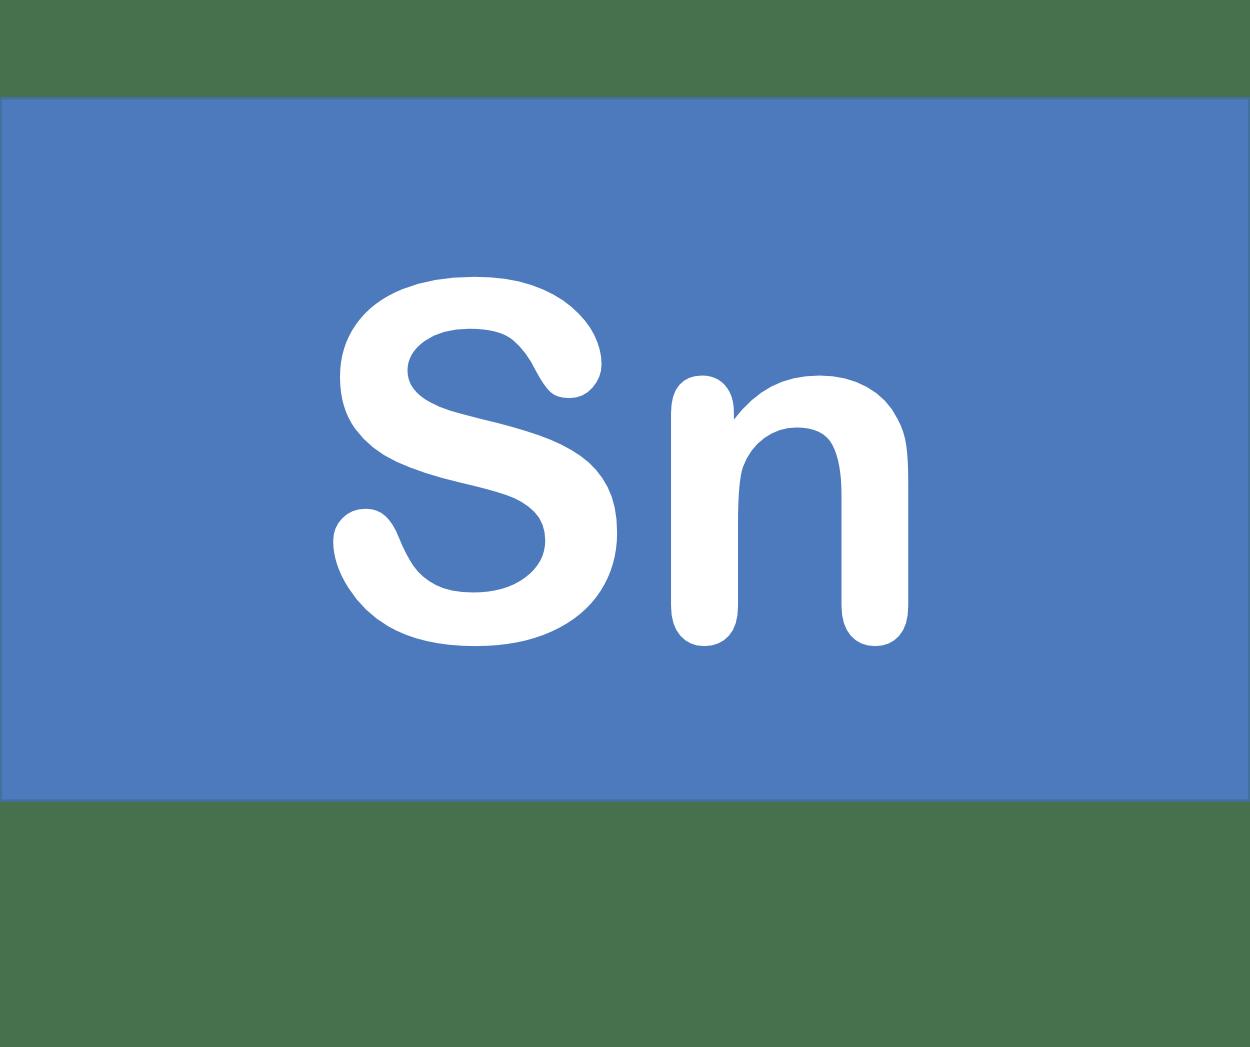 50 Sn スズ Tin 元素 記号 周期表 化学 原子